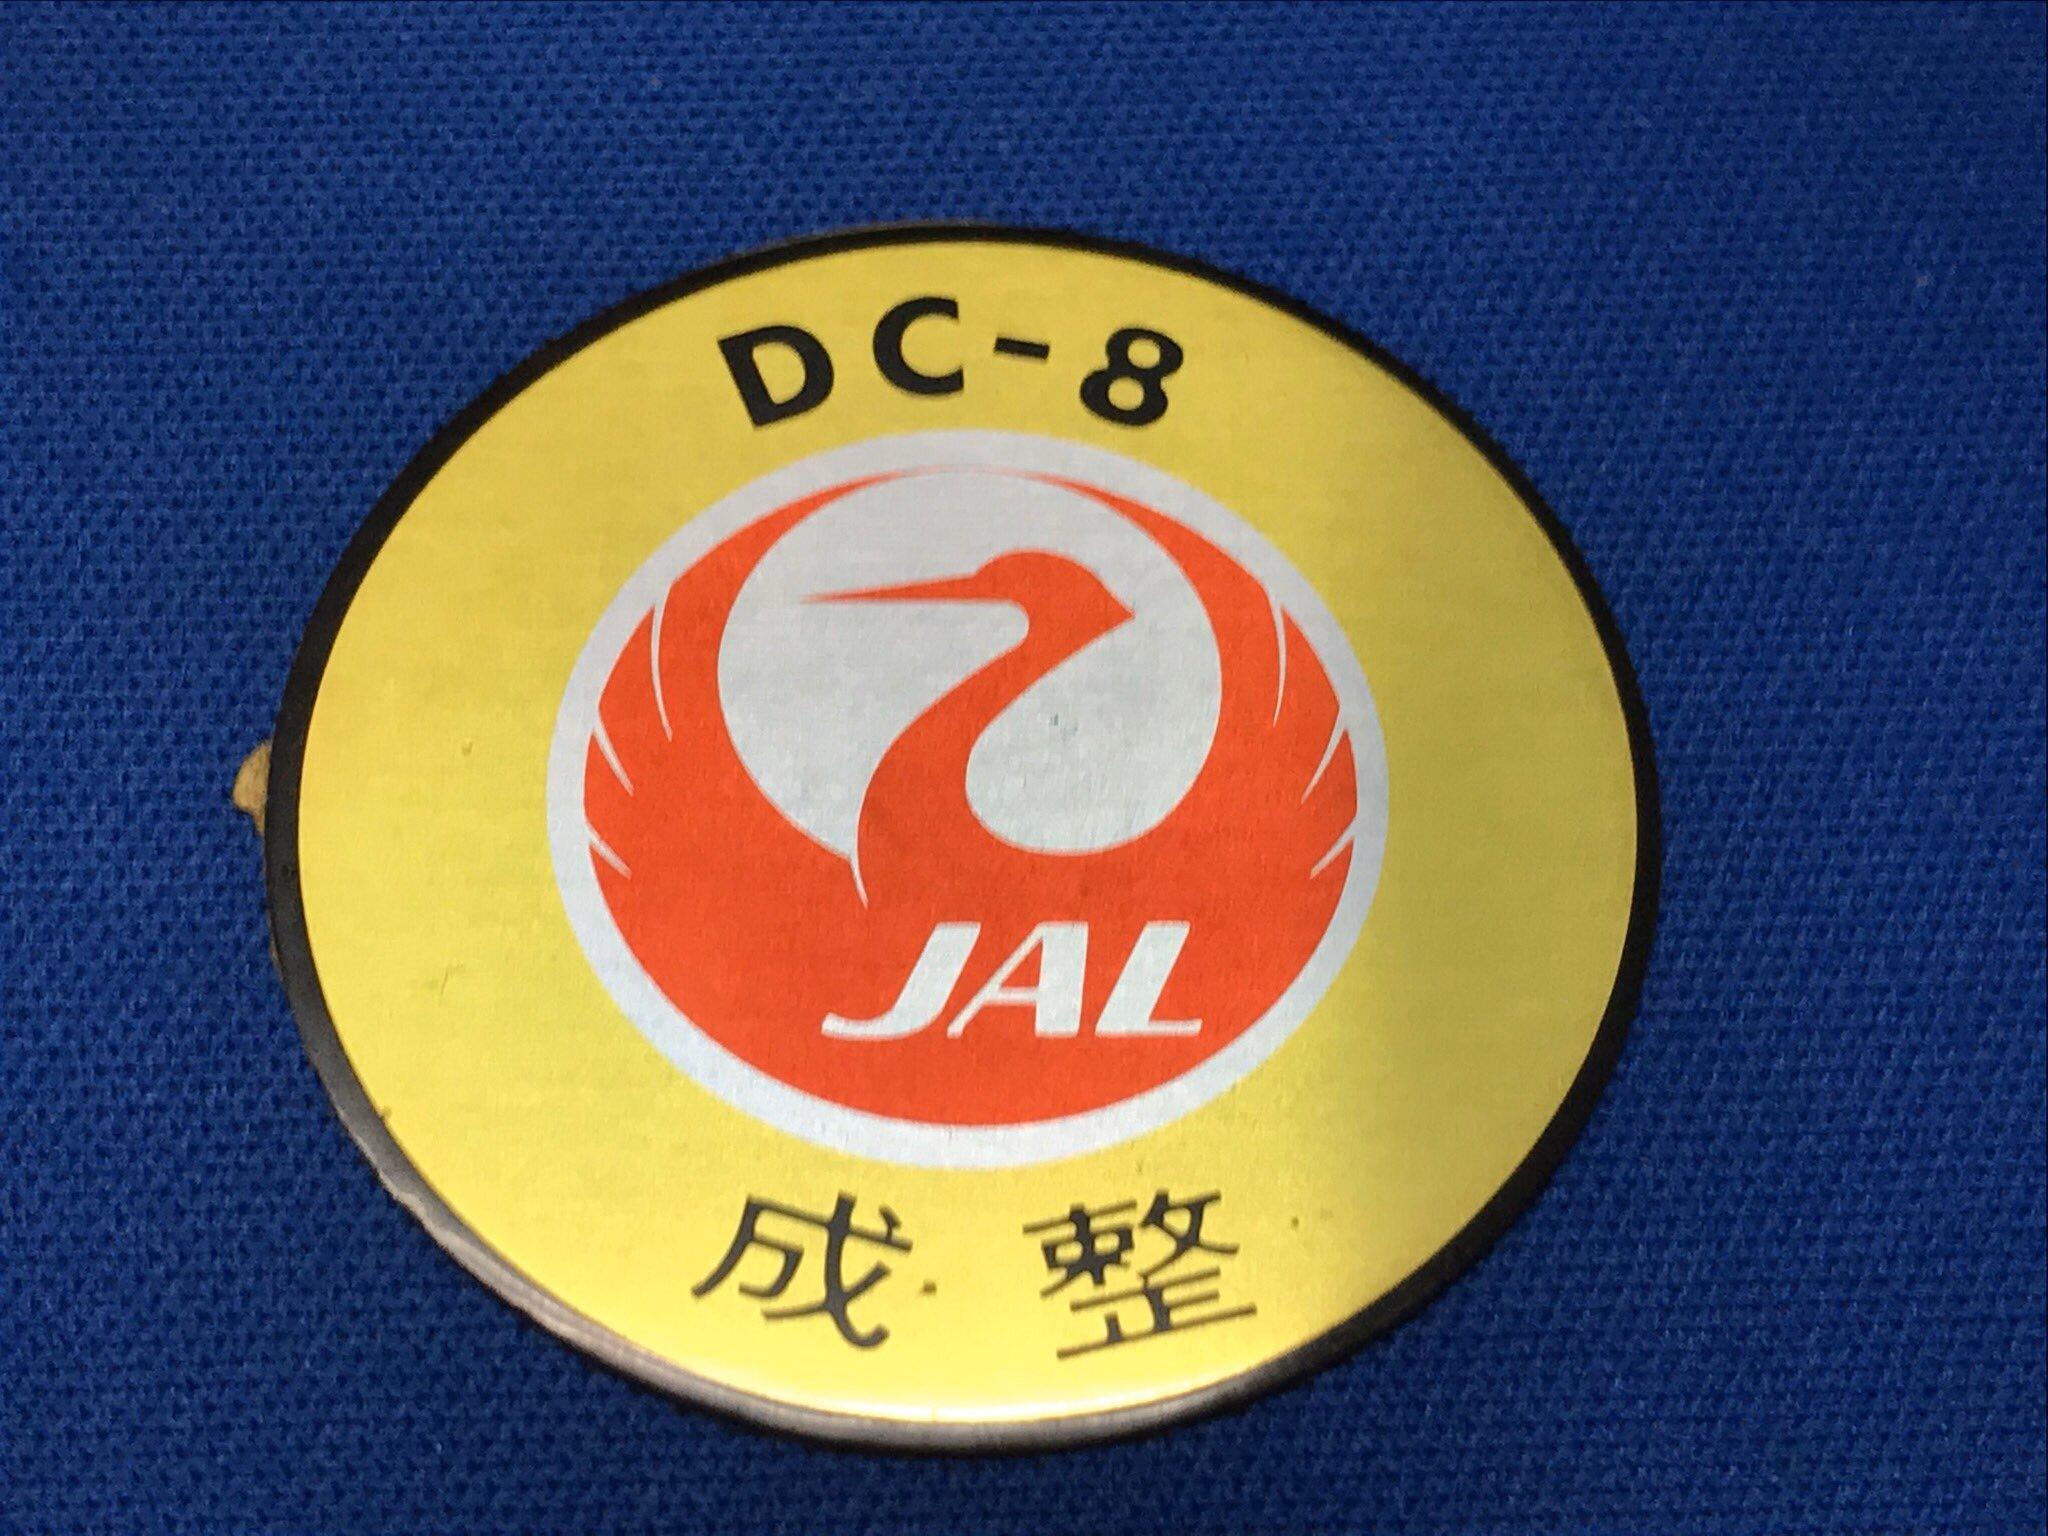 中古品/JAL DC-8 成整 メタルステッカー